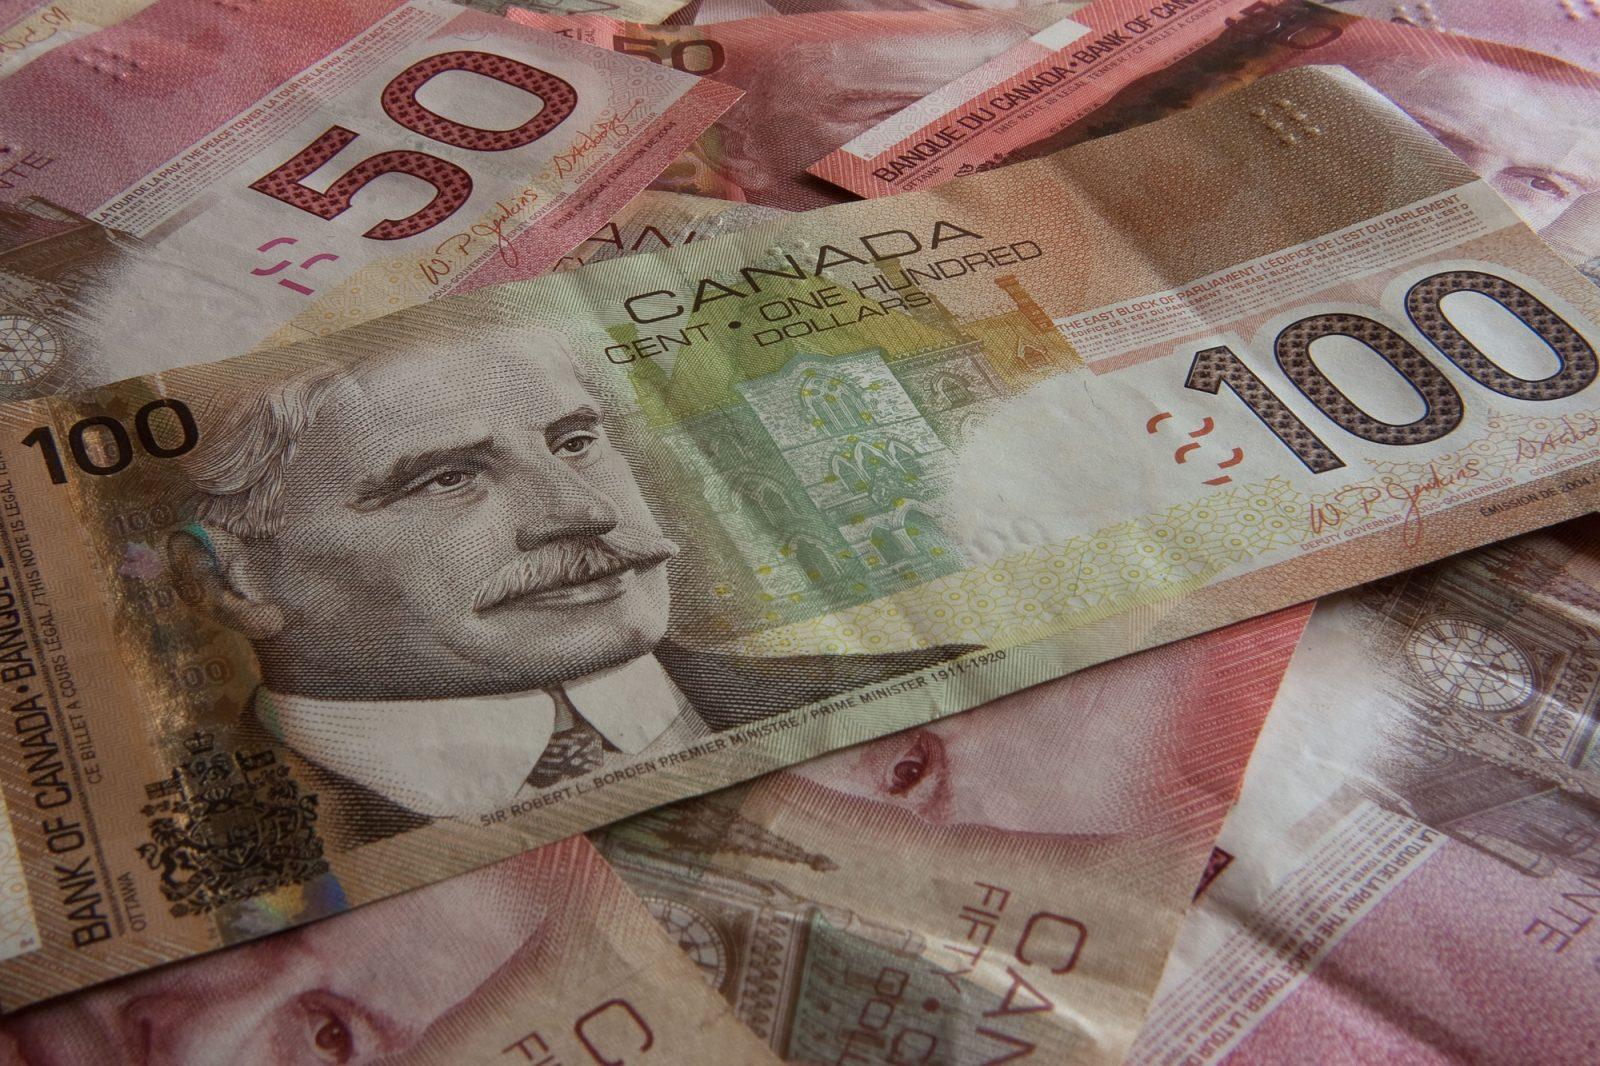 De faux billets en circulation dans la région